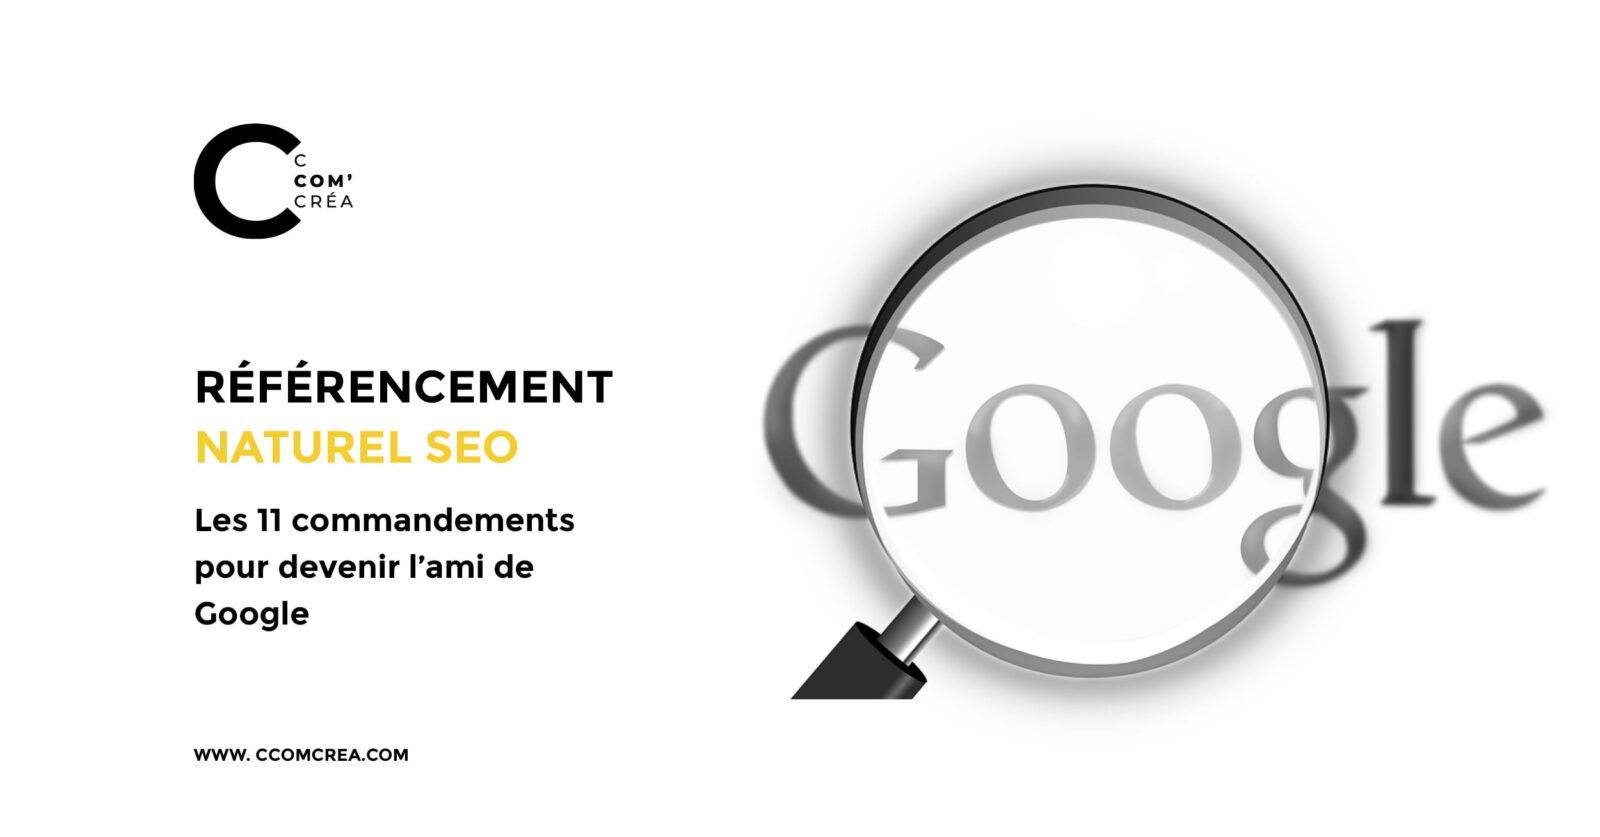 Les 11 commandements à respecter pour un bon référencement naturel SEO